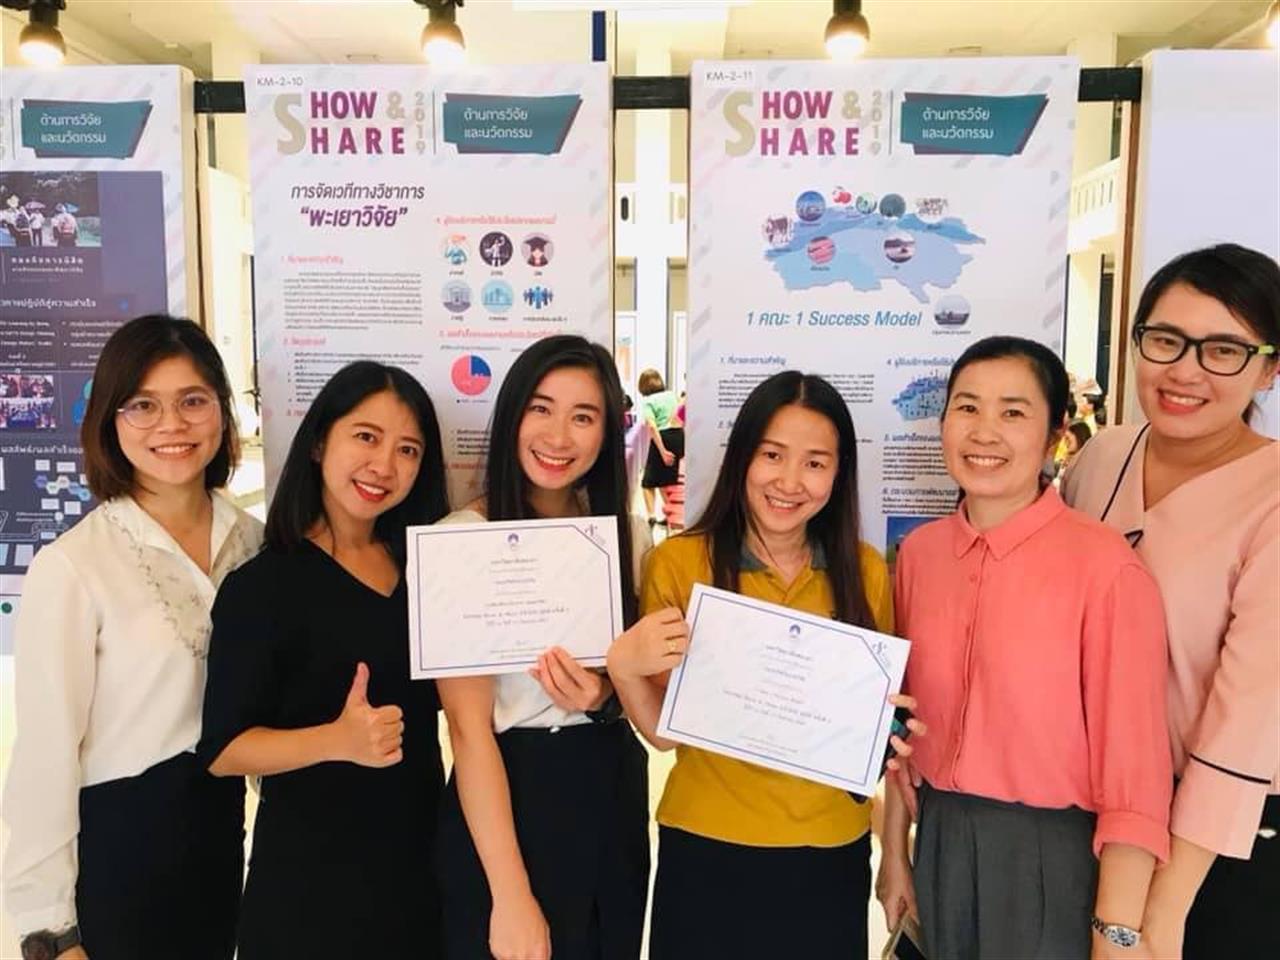 กอบริหารงานวิจัย มหาวิทยาลัยพะเยา เข้าร่วมกิจกรรม Show & Share UP-KM 2019 ครั้งที่ 1